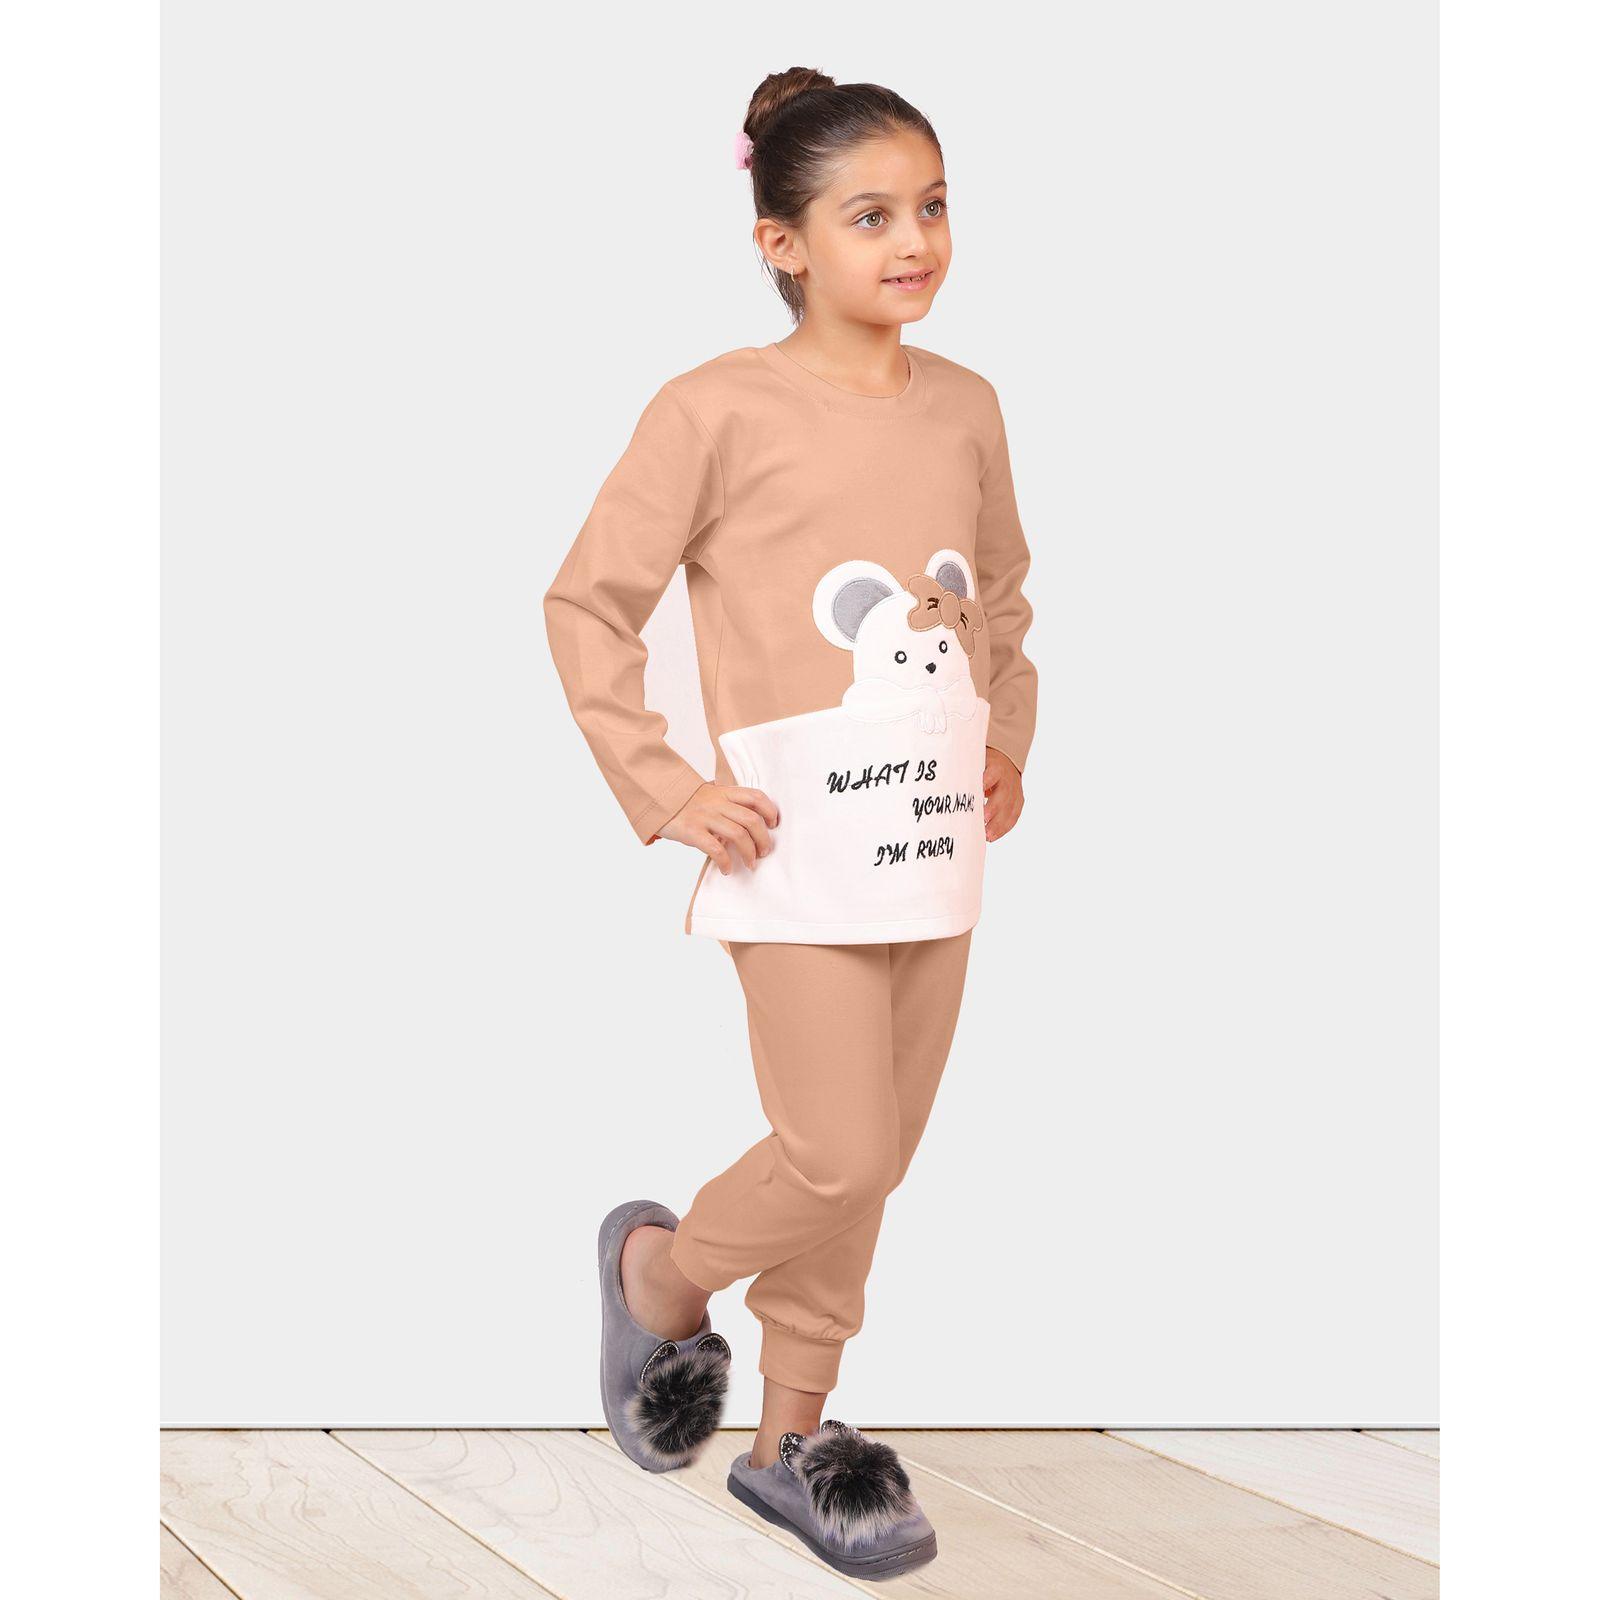 ست تی شرت و شلوار دخترانه مادر مدل 301-80 main 1 9